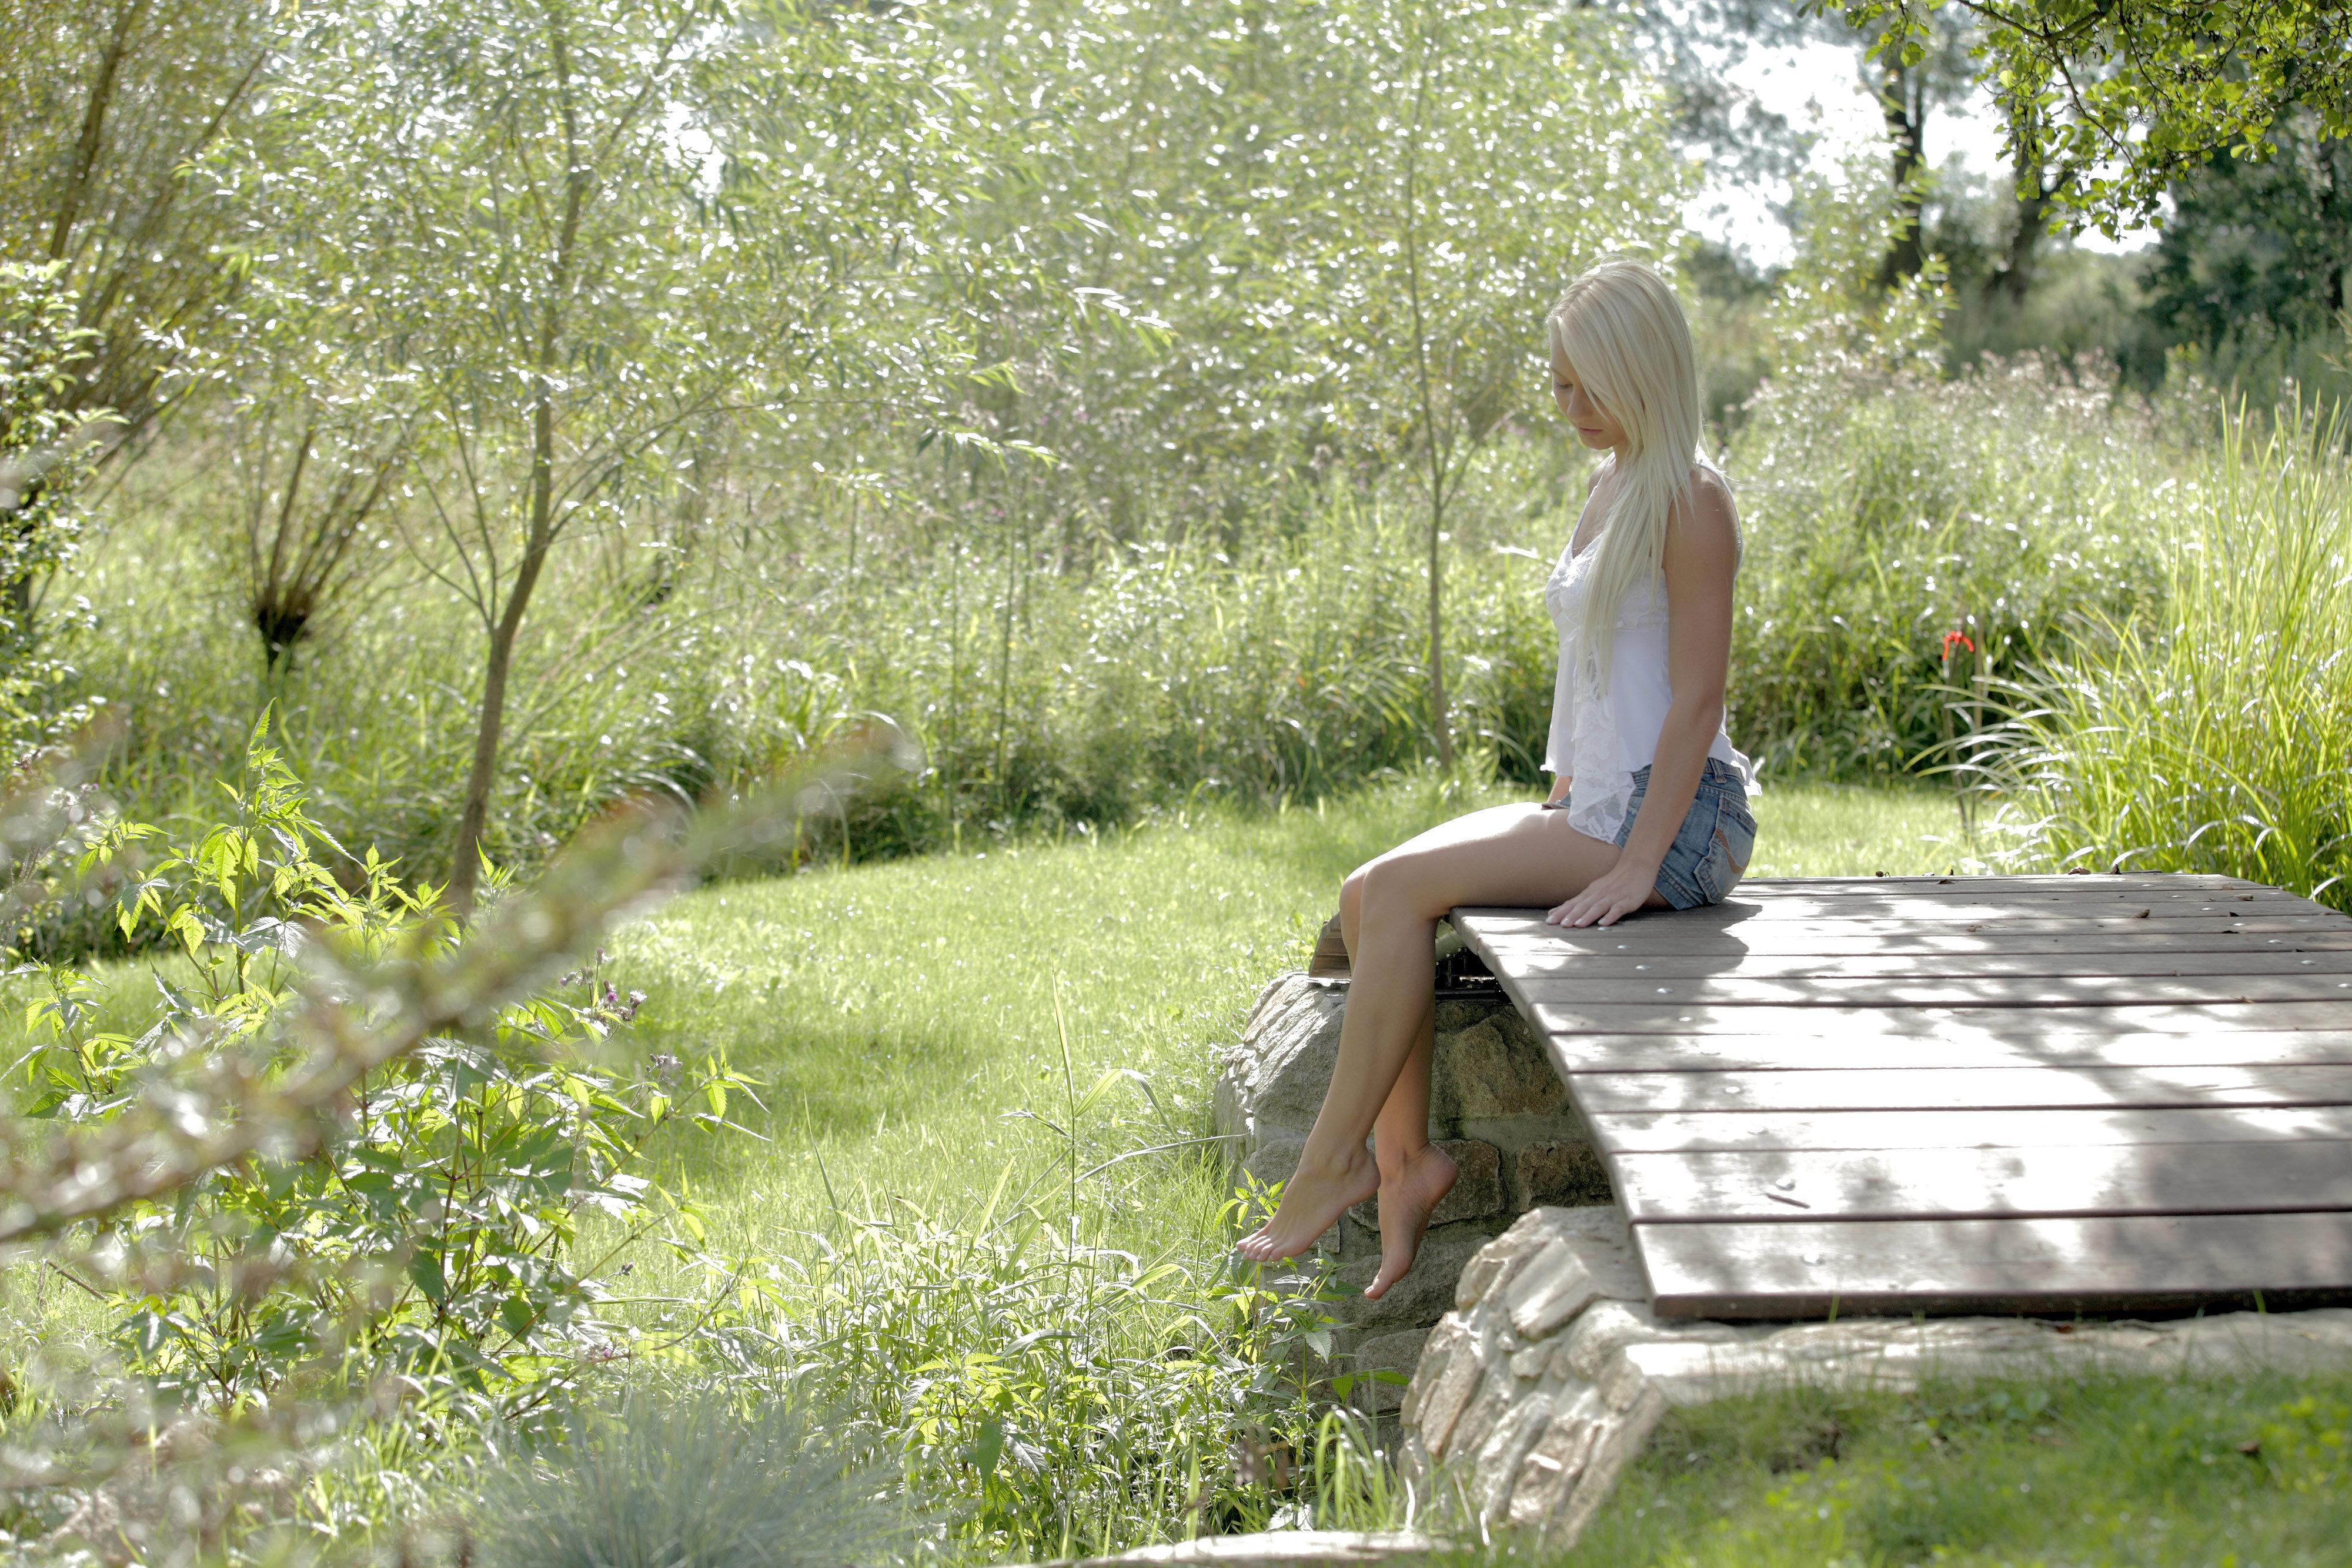 Эротика на речке от расшалившейся сексуальной блондинки летом  439642